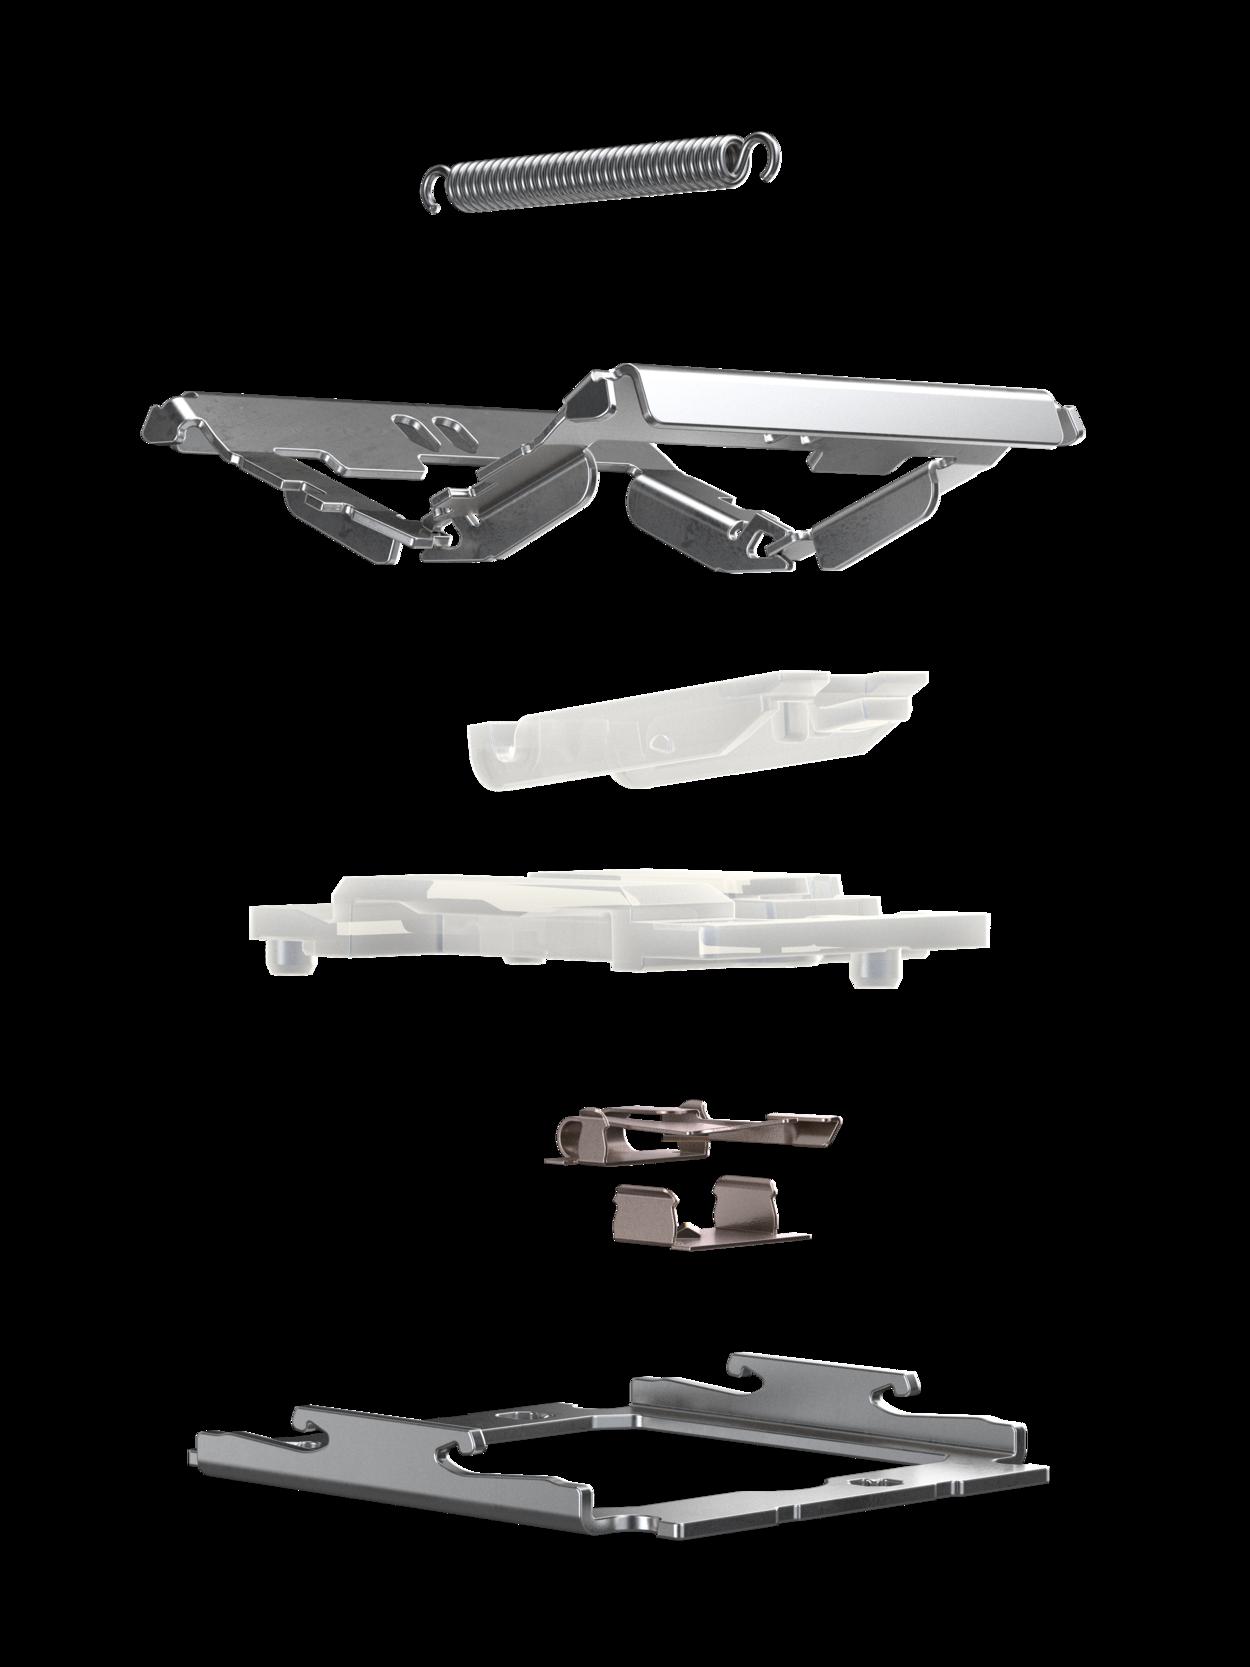 Aufbau eines CHERRY MX Ultra Low Profile